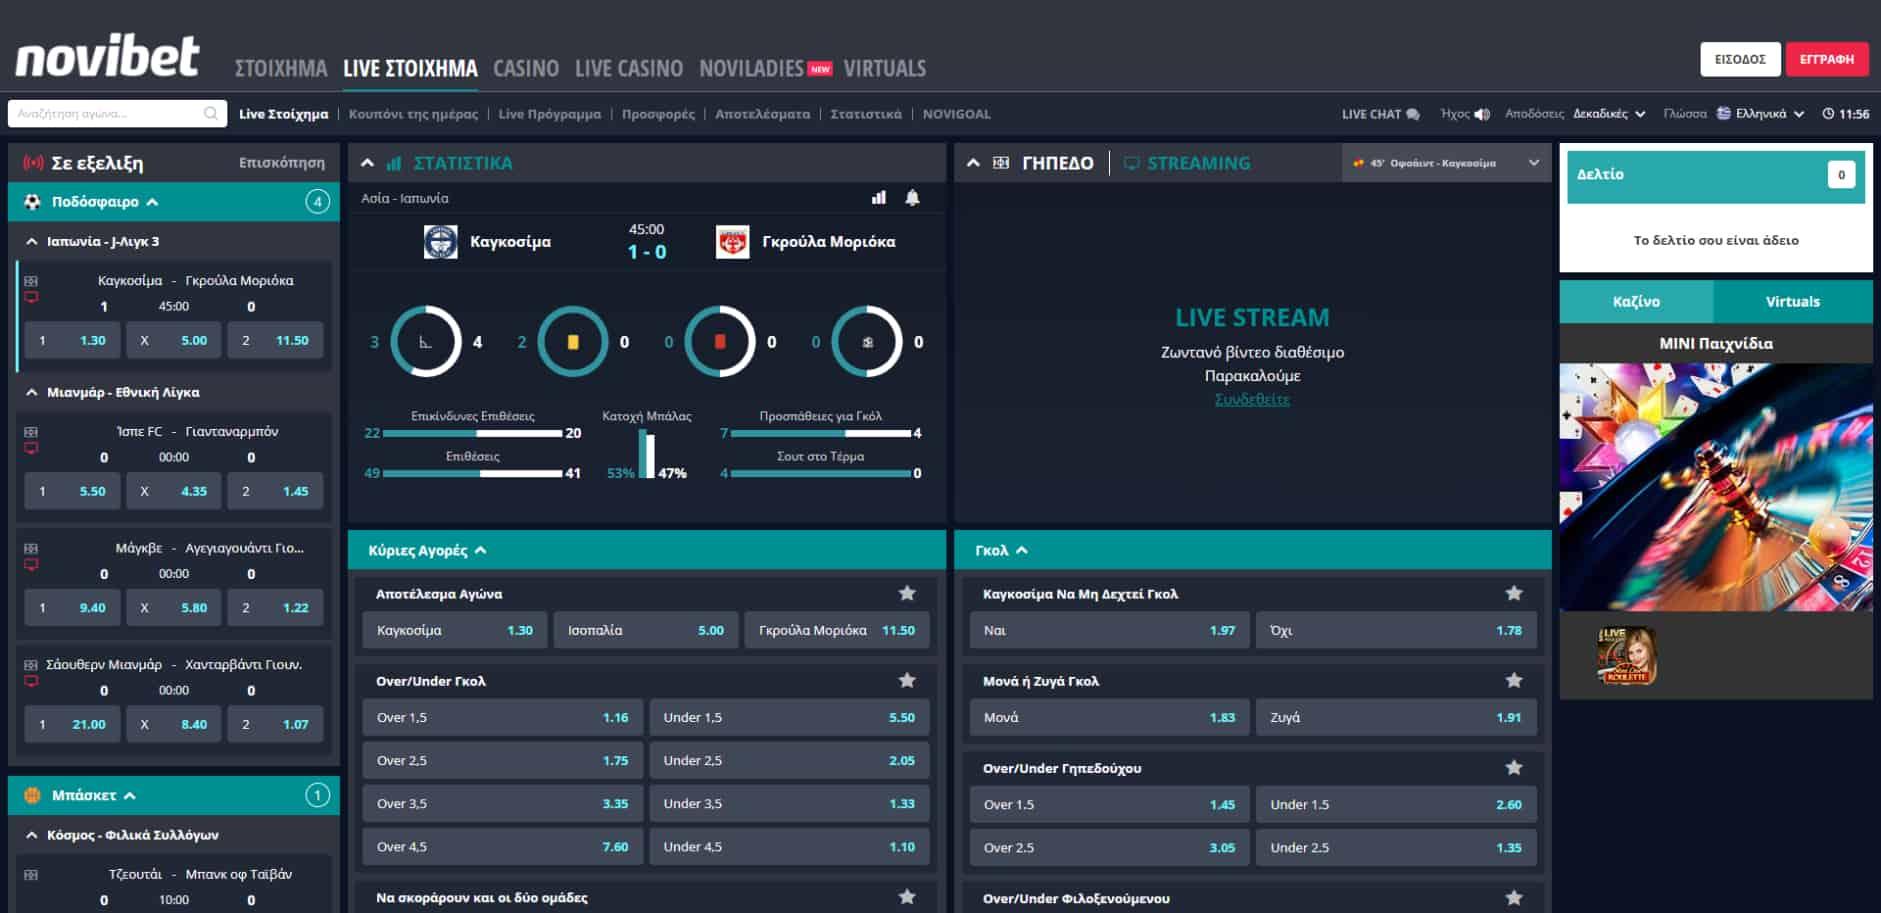 Αρχική σελίδα Live Betting της Novibet.gr